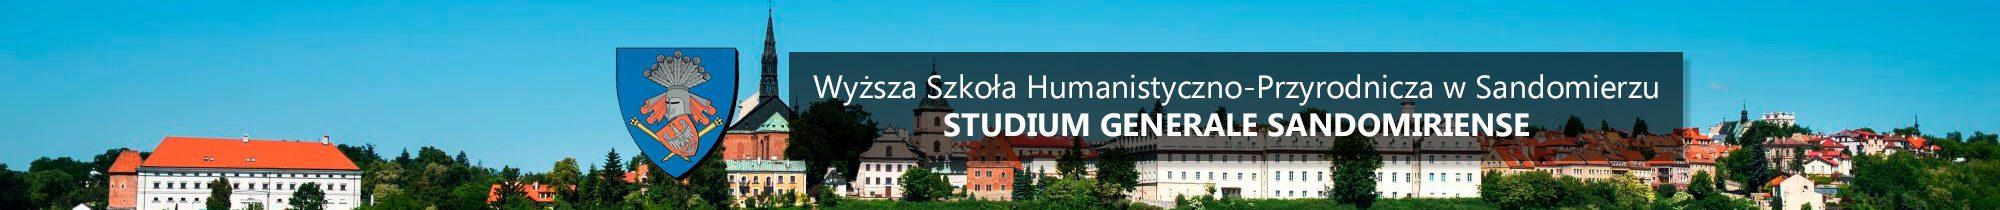 Wyższa Szkoła Humanistyczno-Przyrodnicza w Sandomierzu